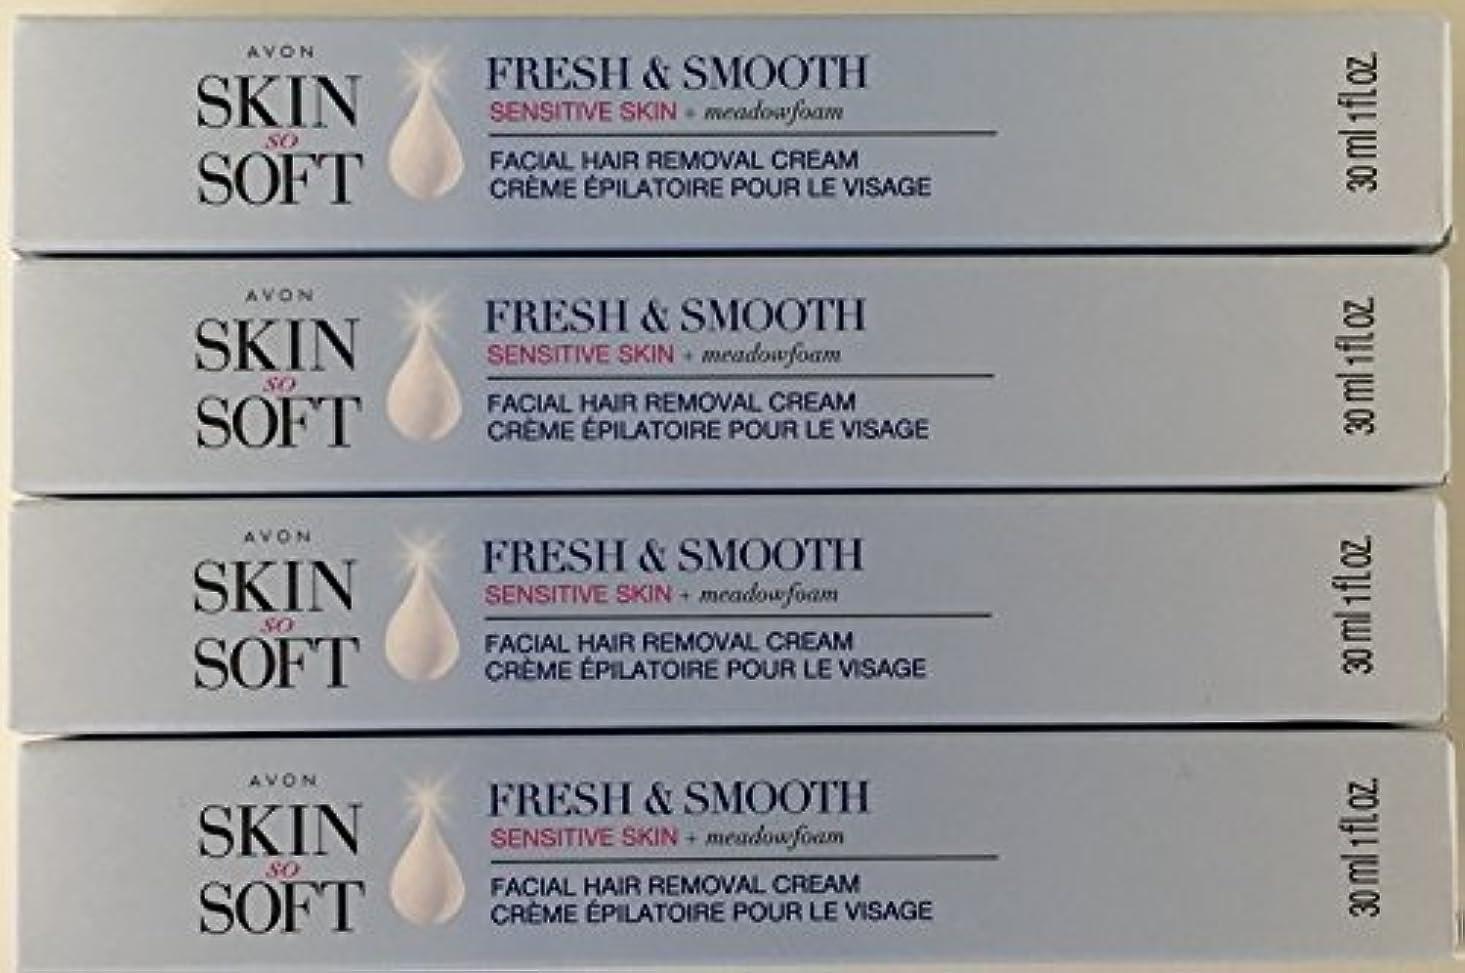 挨拶マルクス主義者解釈Avon Skin so Soft Fresh & Smooth Sensitive Skin Facial Hair Removal Cream 1 oz Each. A Lot of 4 [並行輸入品]